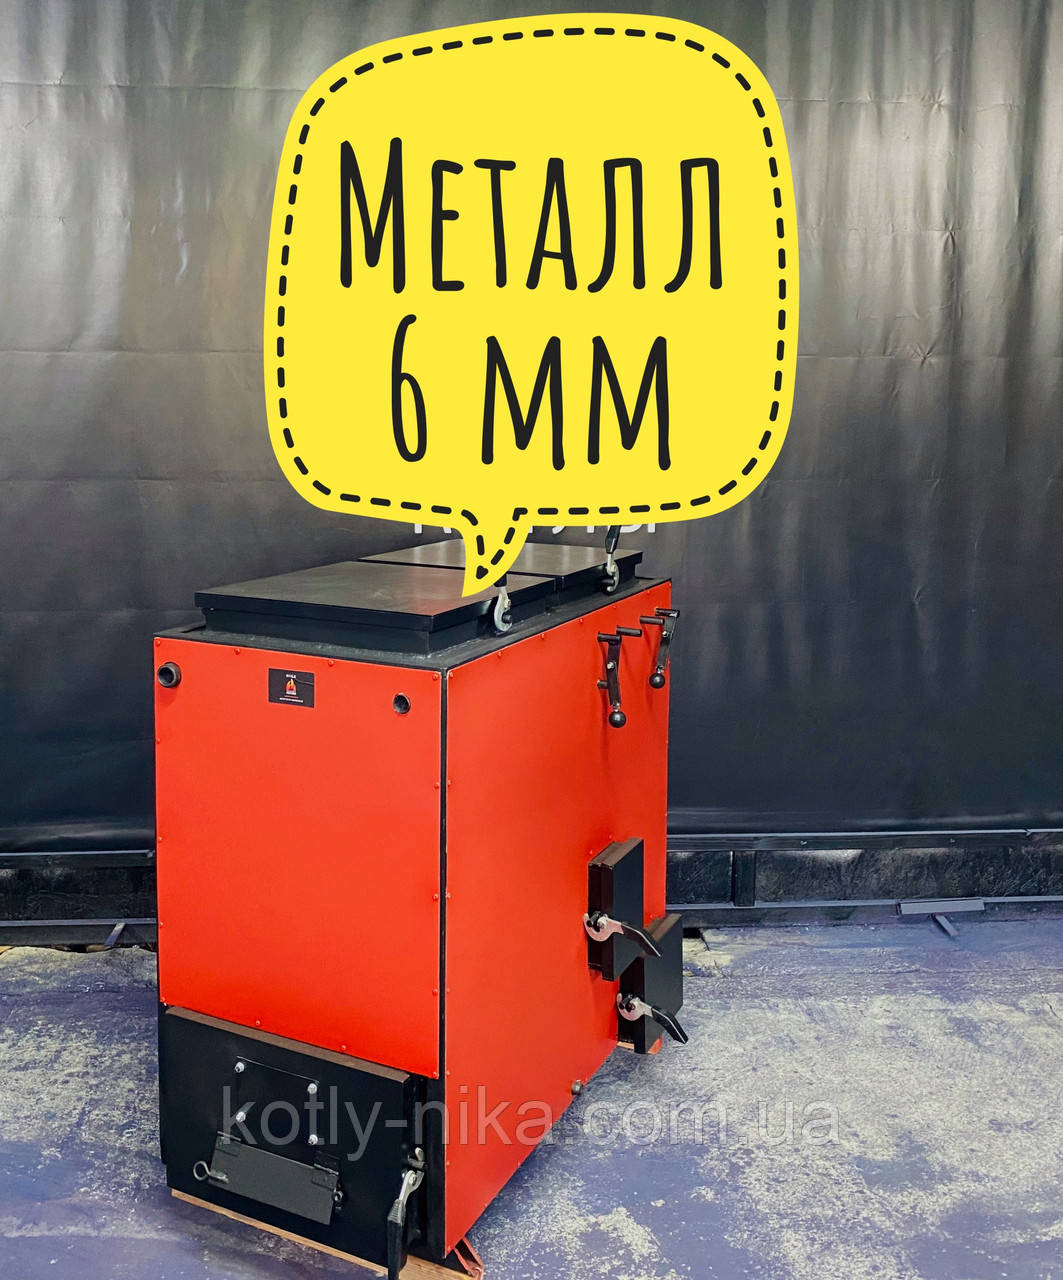 Котел Холмова Пітон 36 кВт з регулюванням потужності МЕТАЛ 6 мм